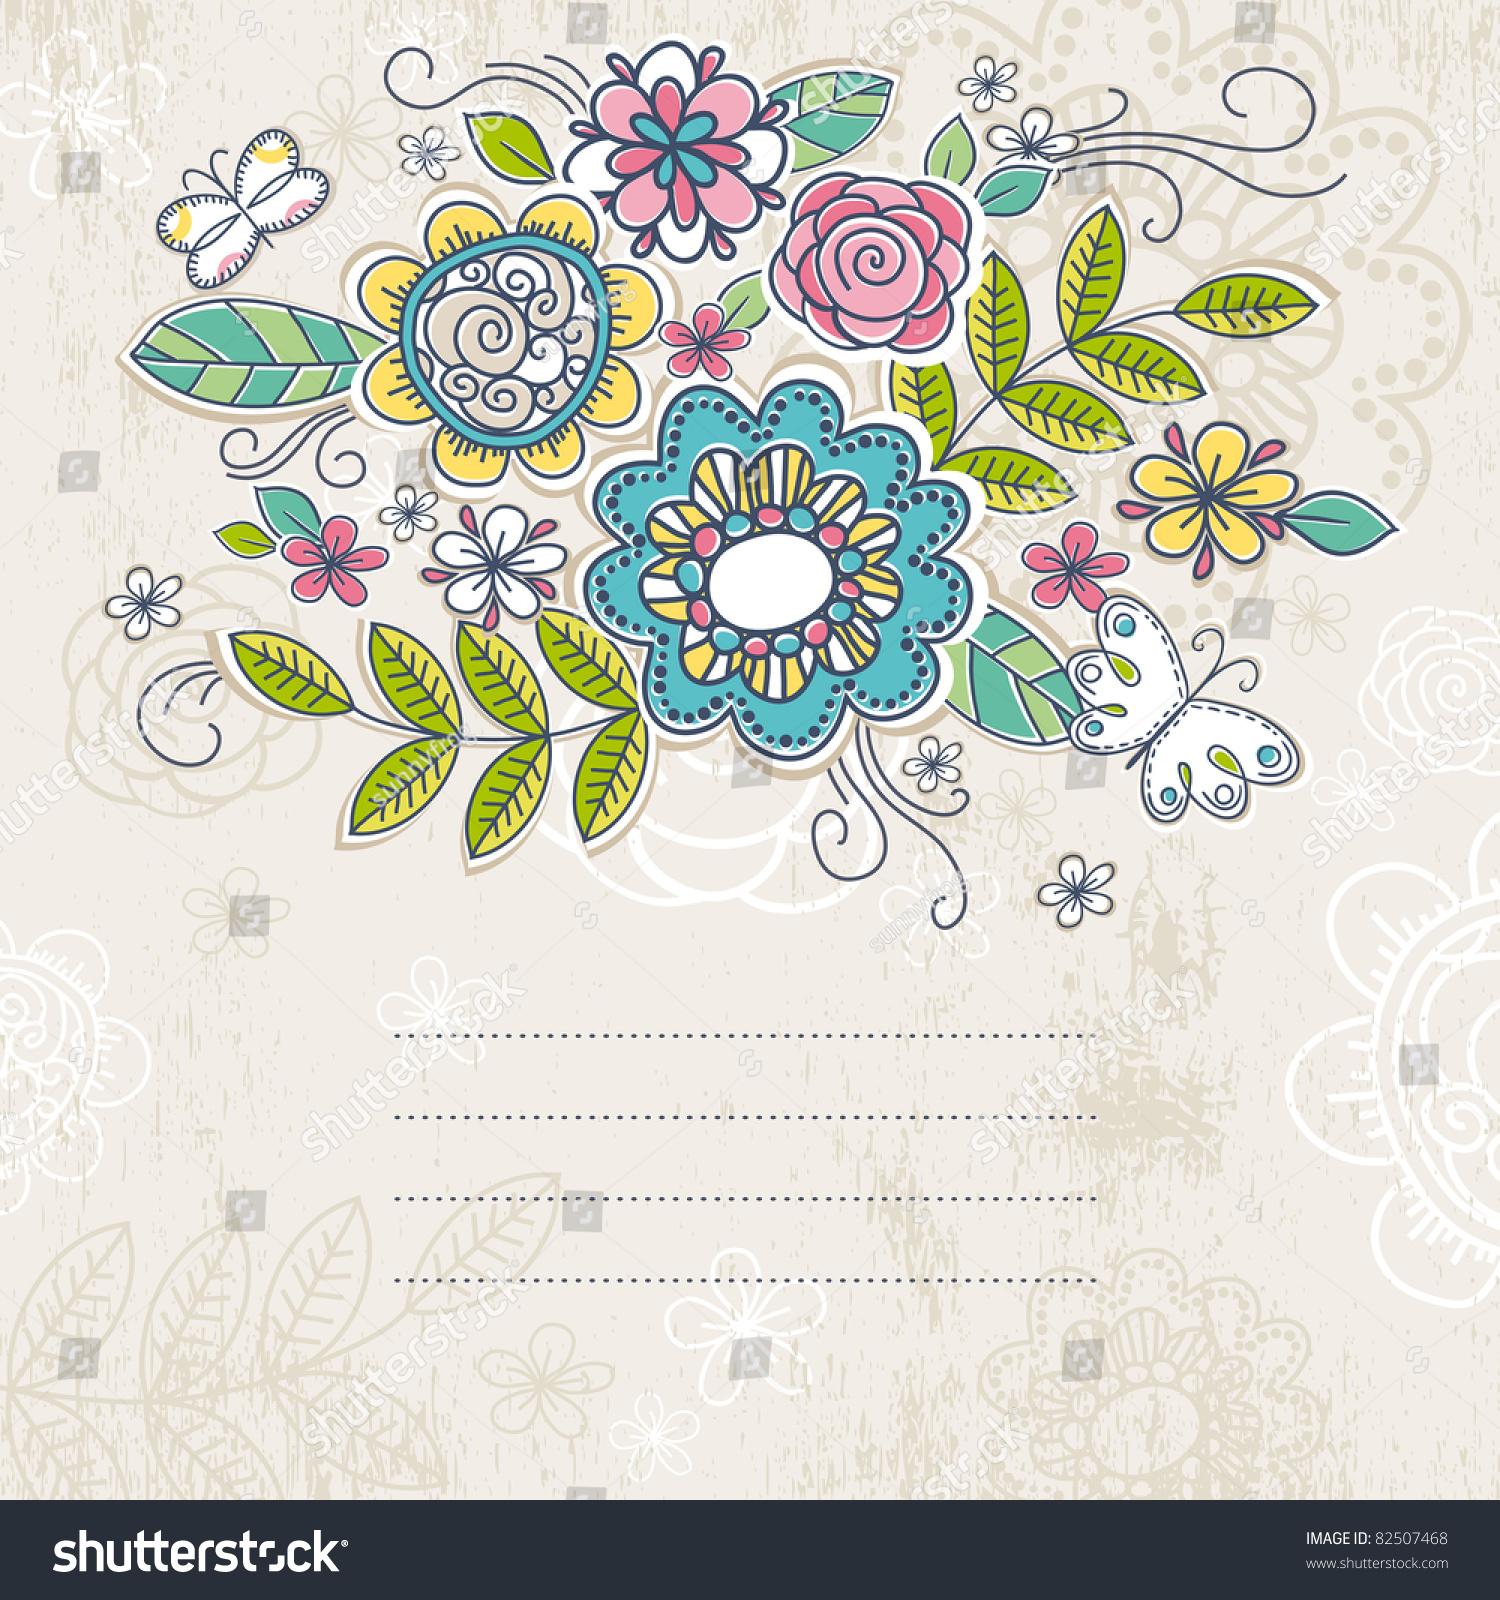 背景的手绘花朵,矢量插图-假期